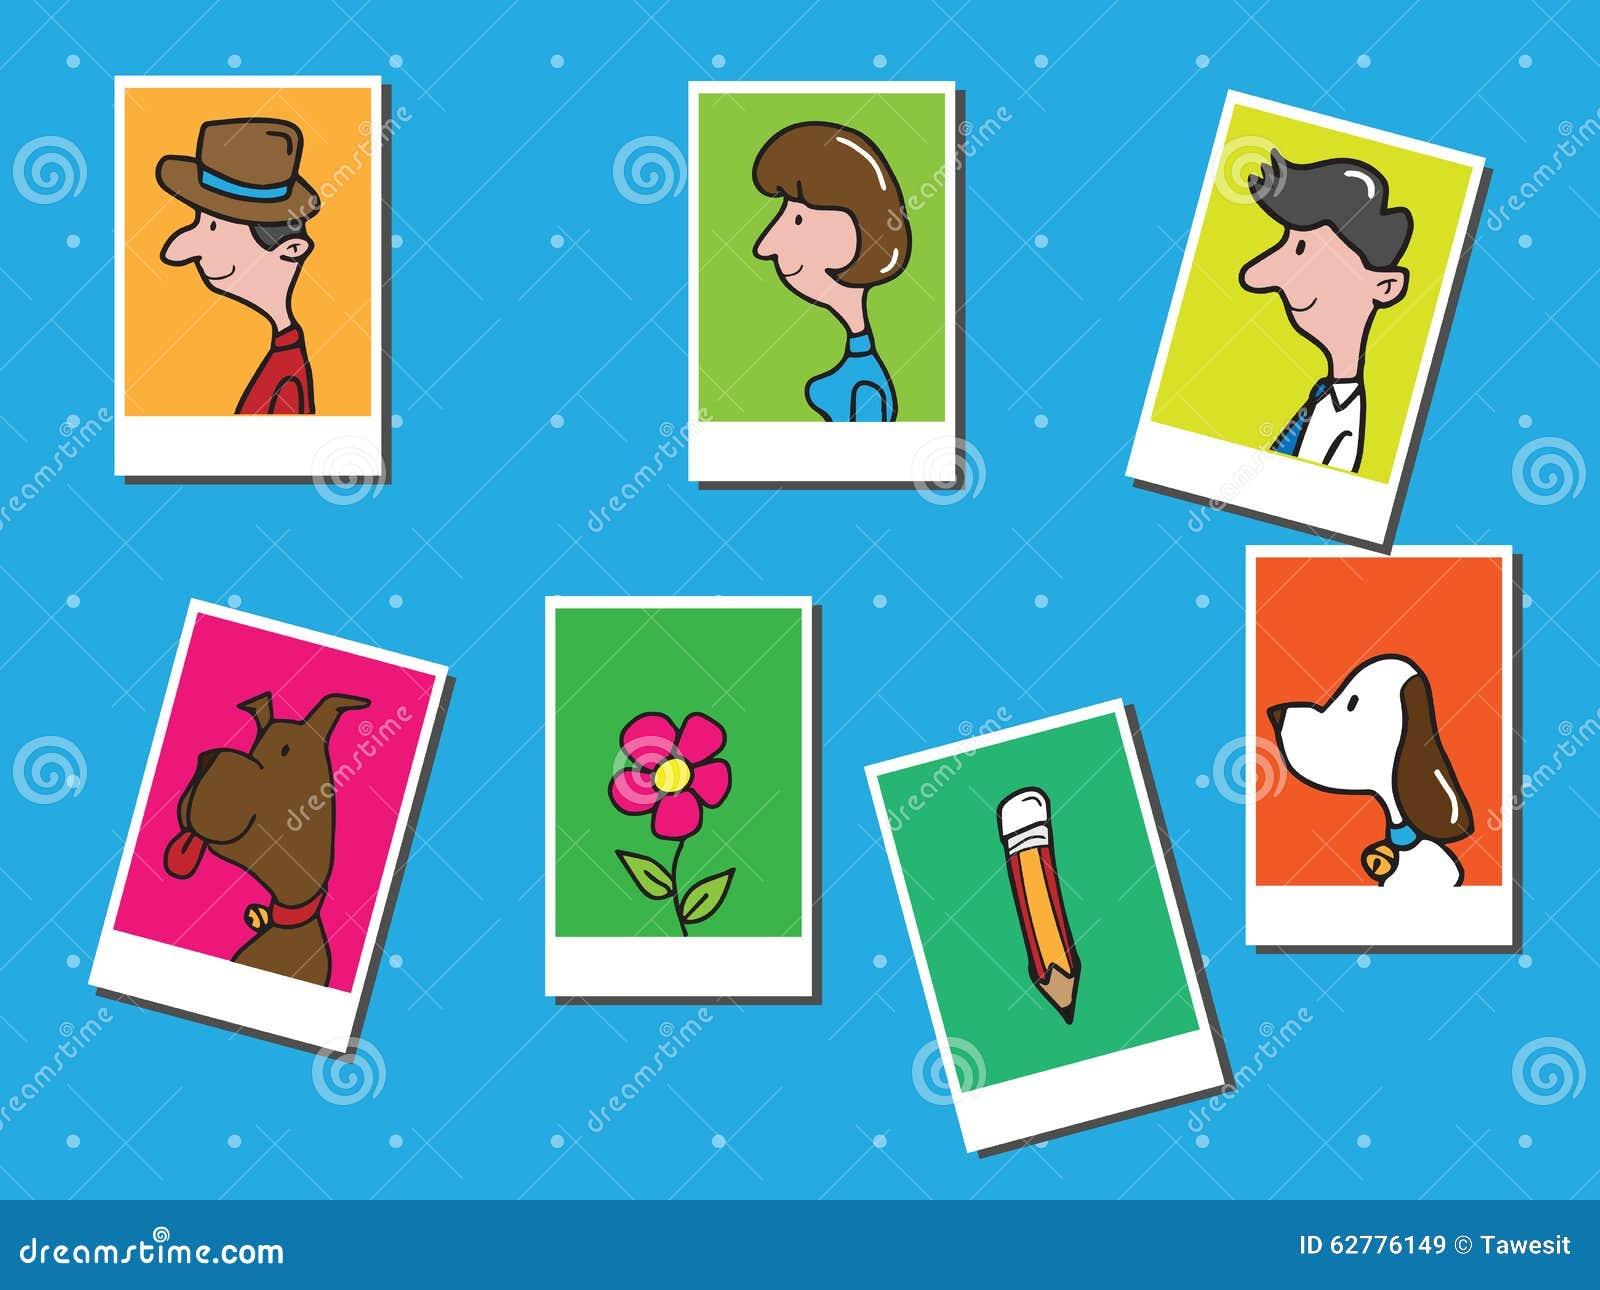 people in postcard frames